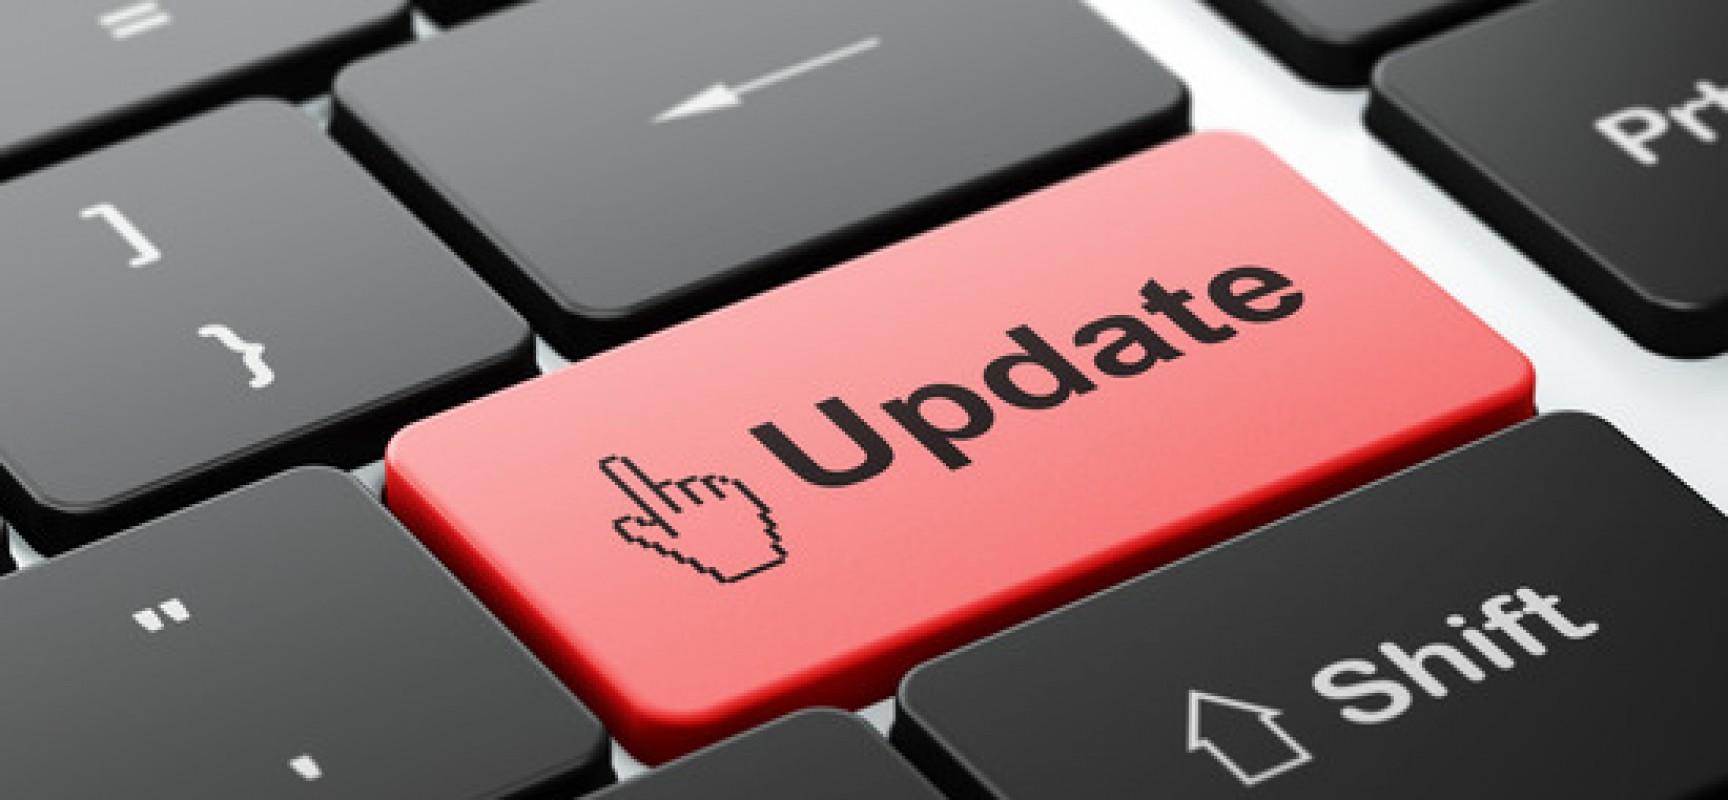 Maintain an updated website